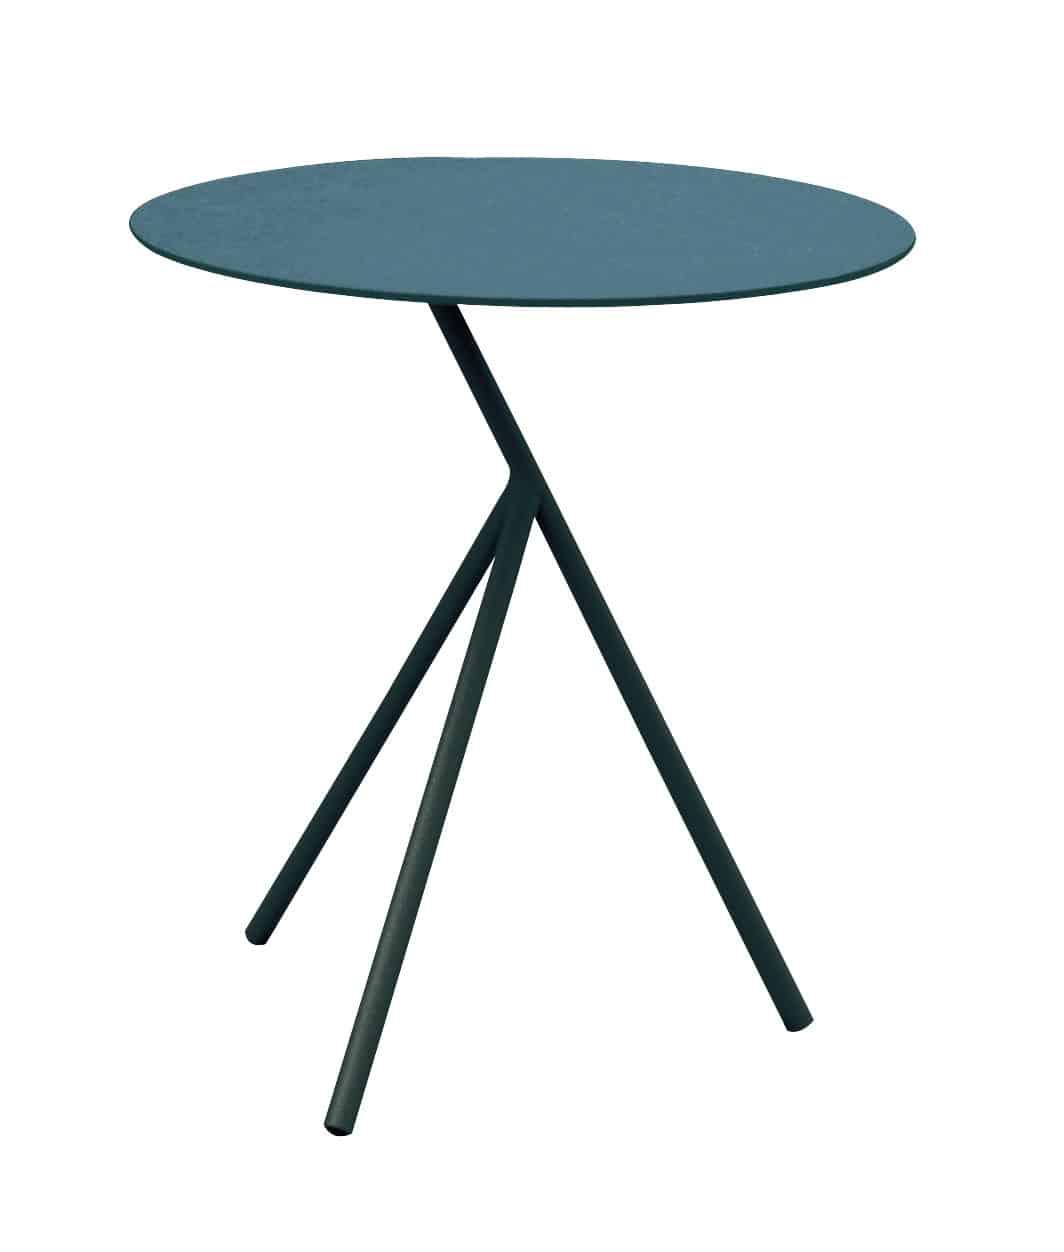 Explorer Garden Side Table - Garden Furniture For Sale Dublin